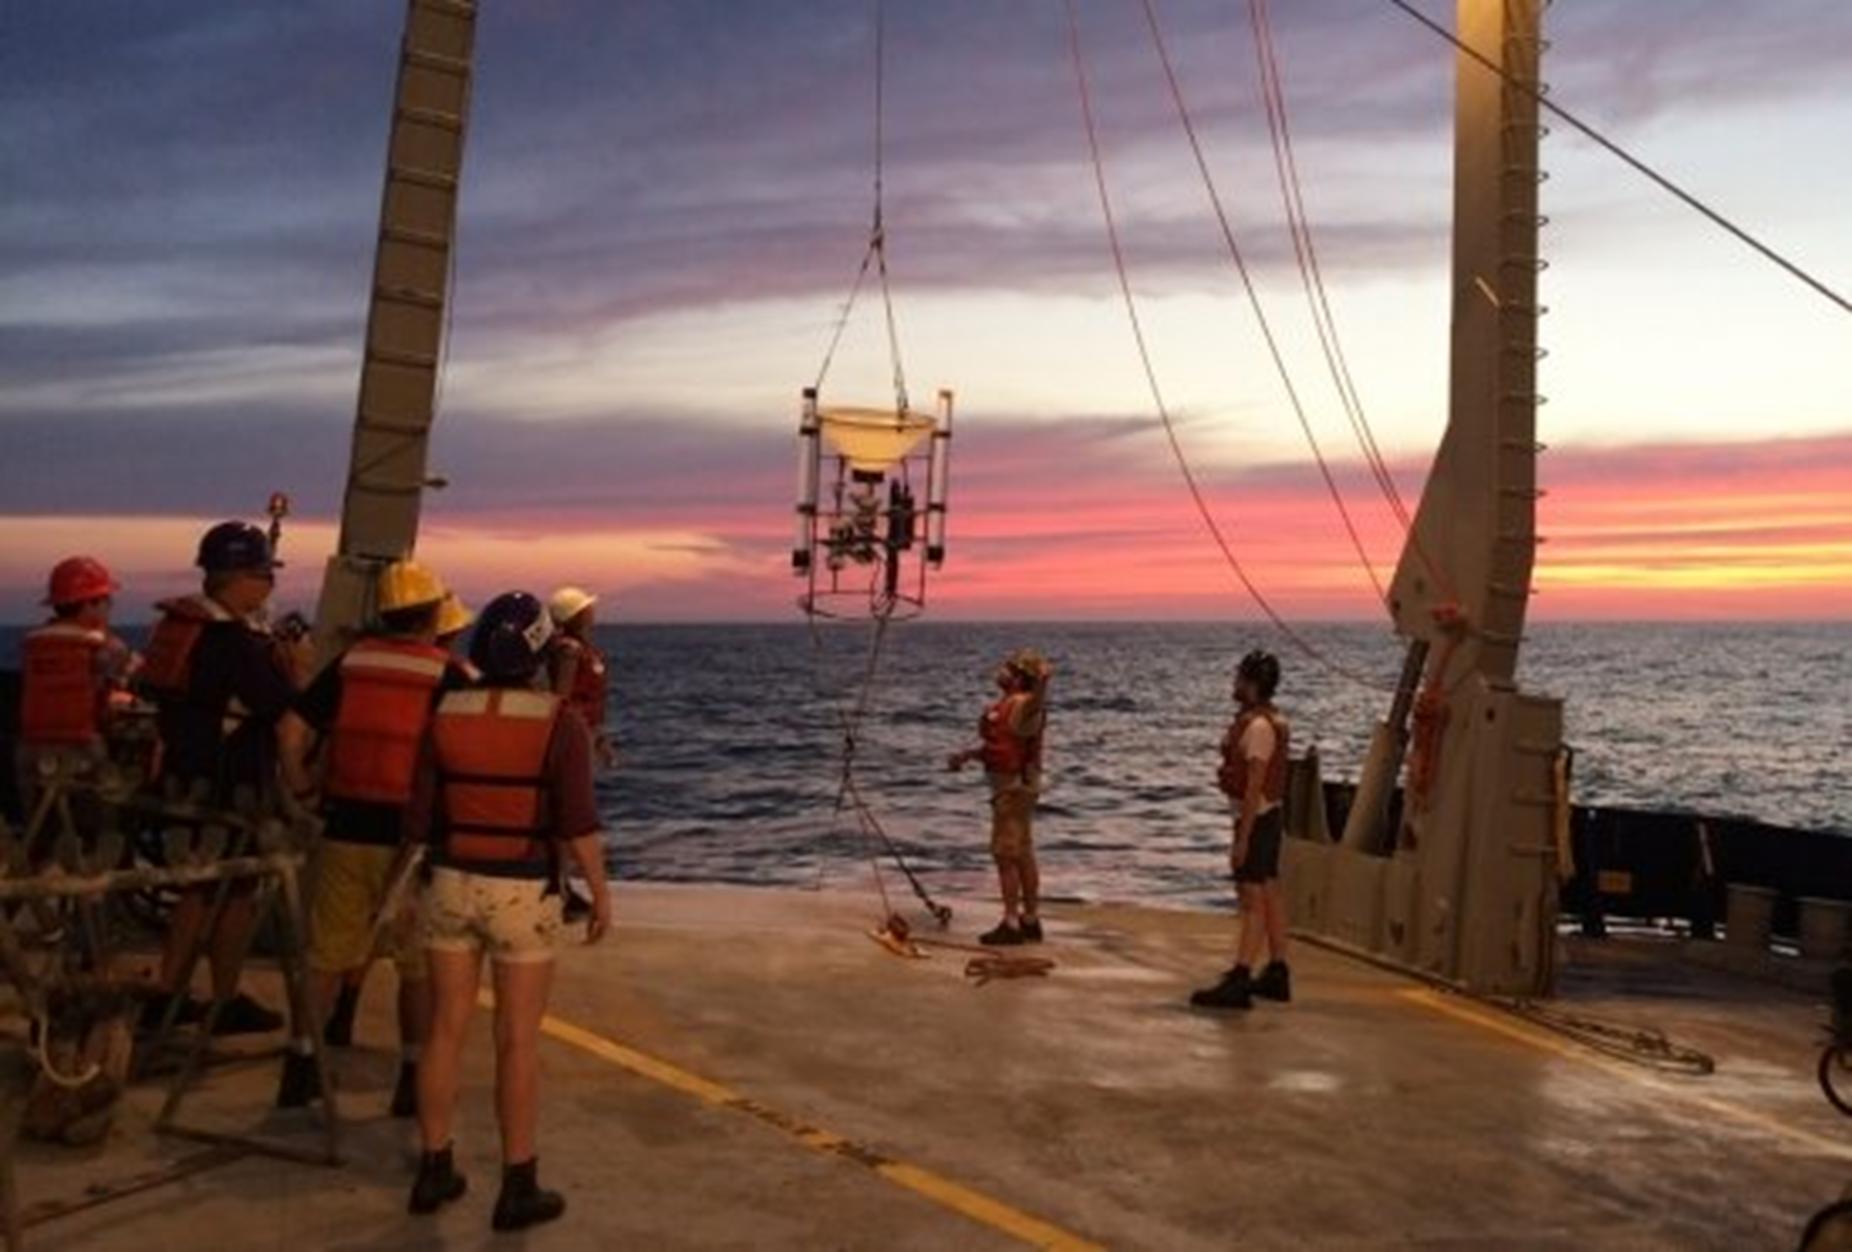 בתמונה: חוקרים אוספים דגימות מהאוקיינוס קרדיט Morgan Raven